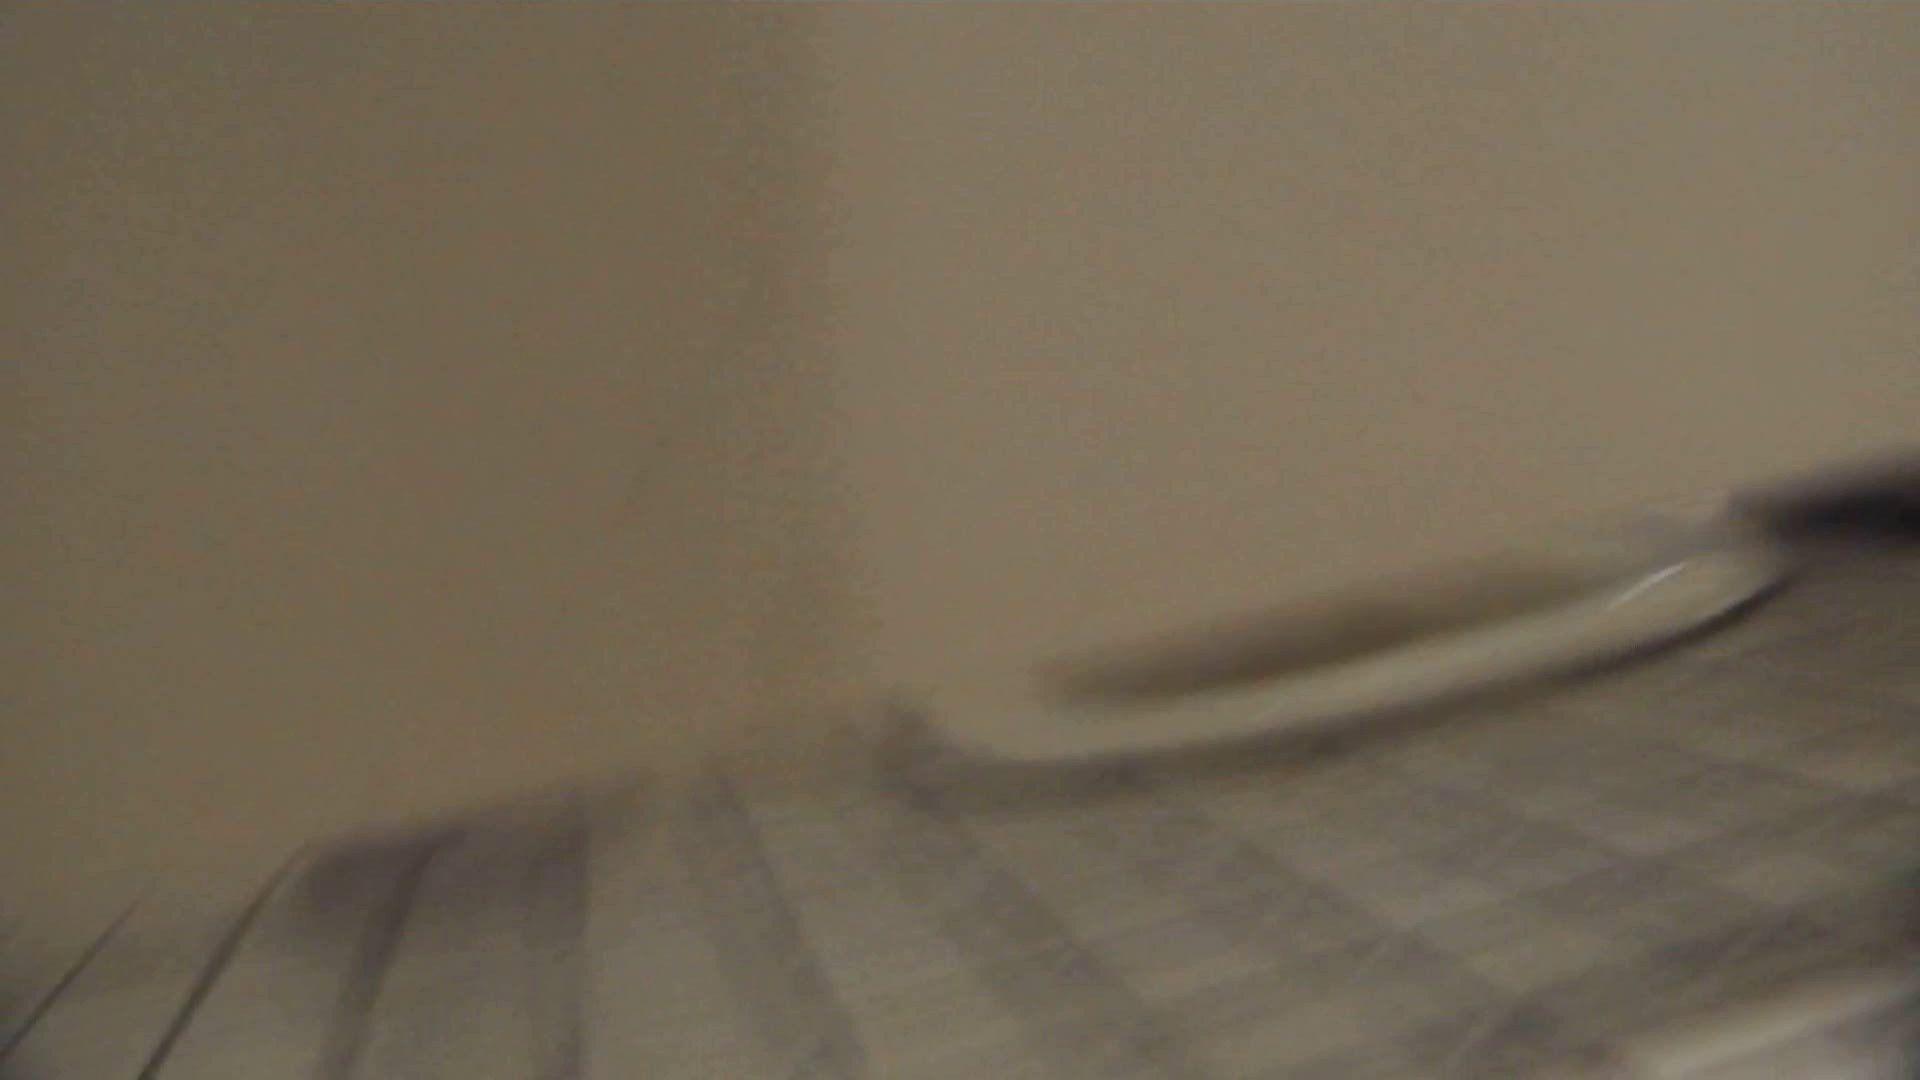 vol.25三十時間潜り、一つしか出会えない完璧桃尻編 byお銀 洗面所のぞき  106枚 72